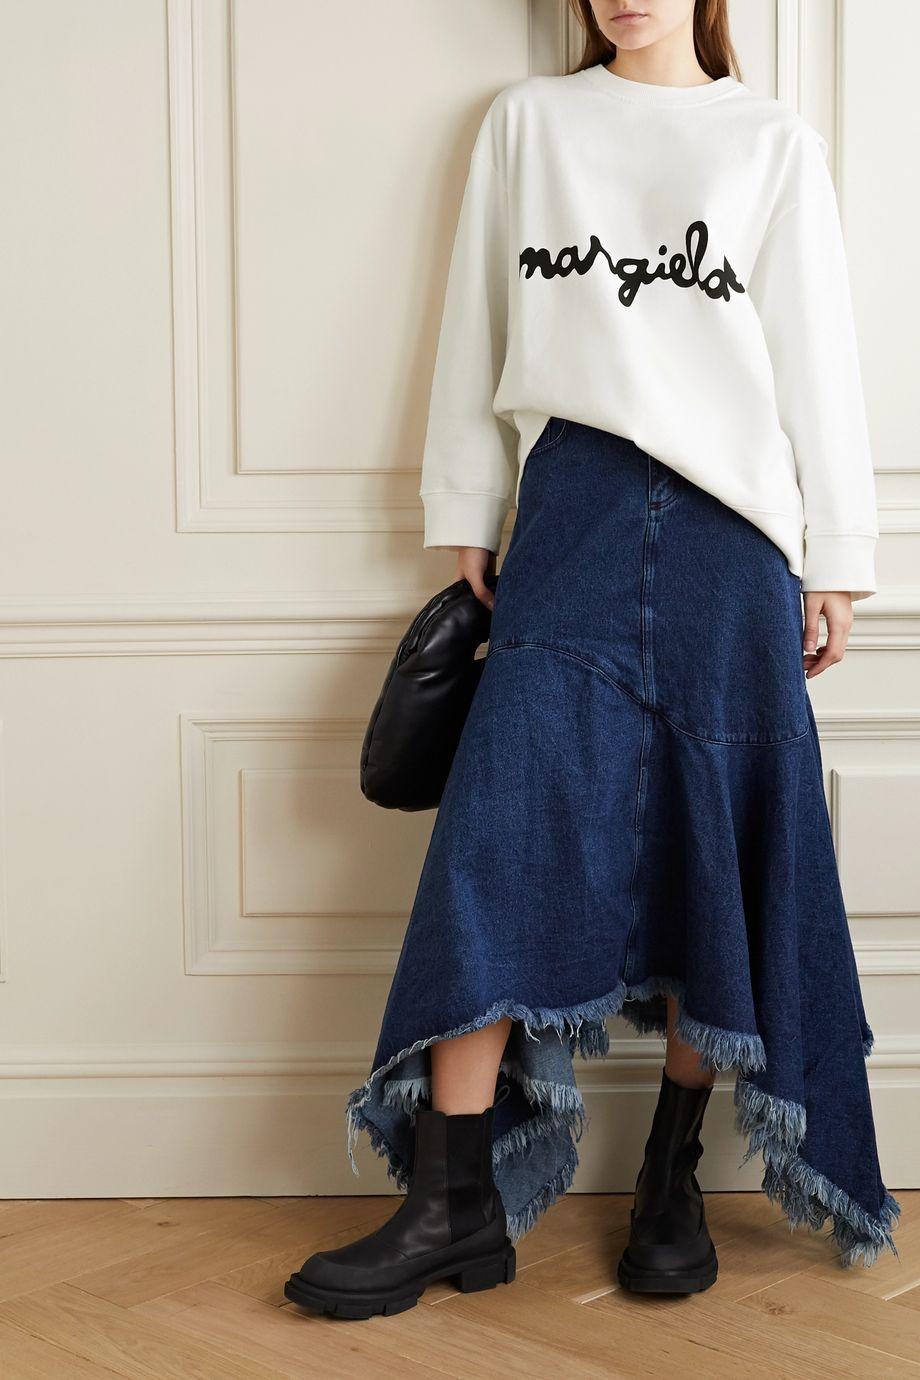 MM6 Maison Margiela Mehrlagiges Oversized-Sweatshirt aus Baumwoll-Jersey mit Print